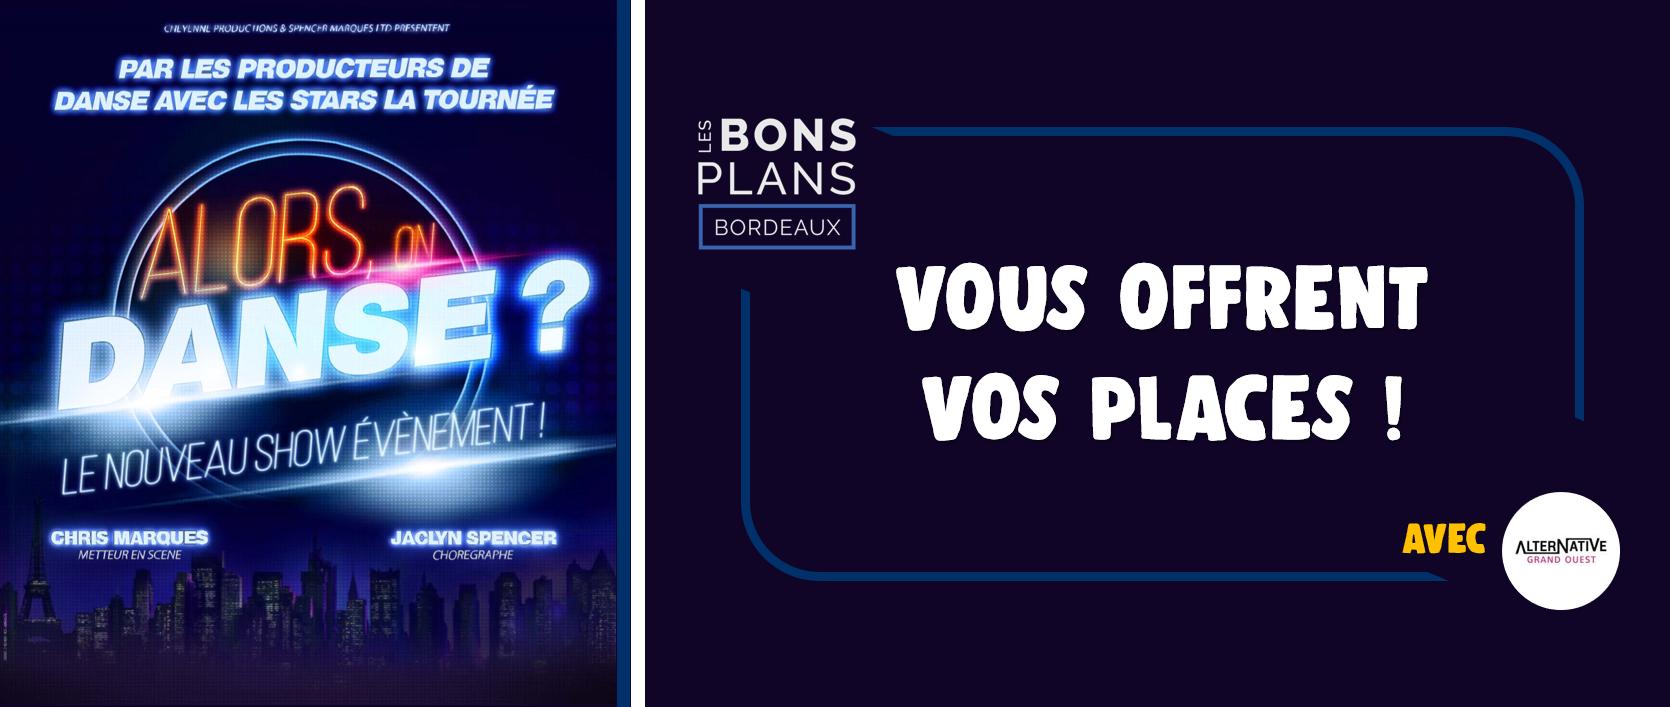 Les Bons Plans à Bordeaux vous font gagner des places pour le spectacle : Alors on danse